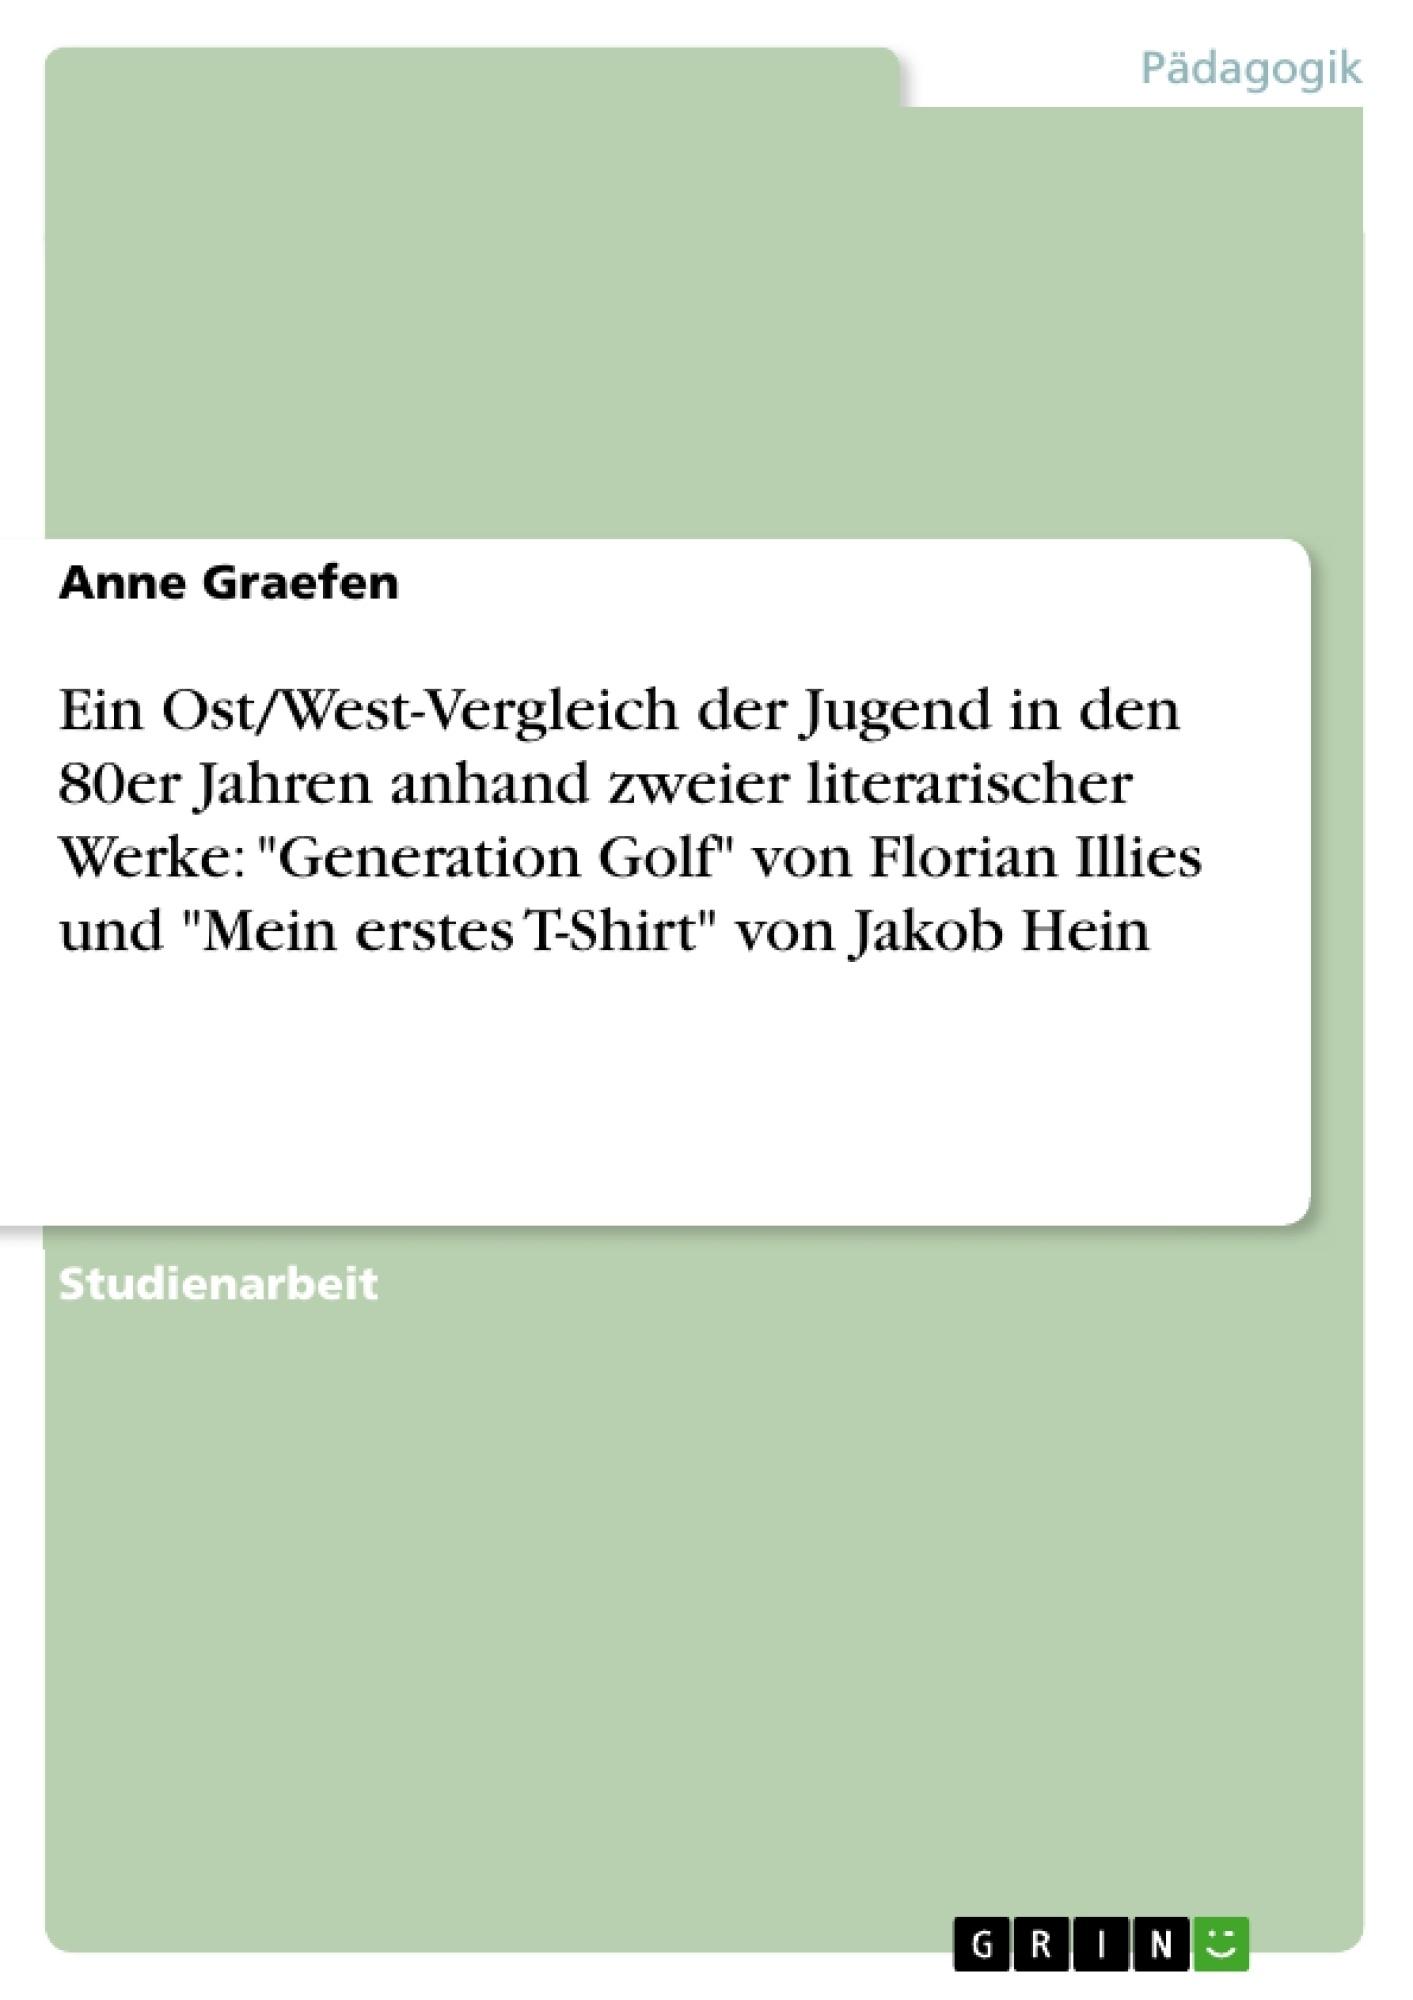 """Titel: Ein Ost/West-Vergleich der Jugend in den 80er Jahren anhand zweier literarischer Werke: """"Generation Golf"""" von Florian Illies und """"Mein erstes T-Shirt"""" von Jakob Hein"""